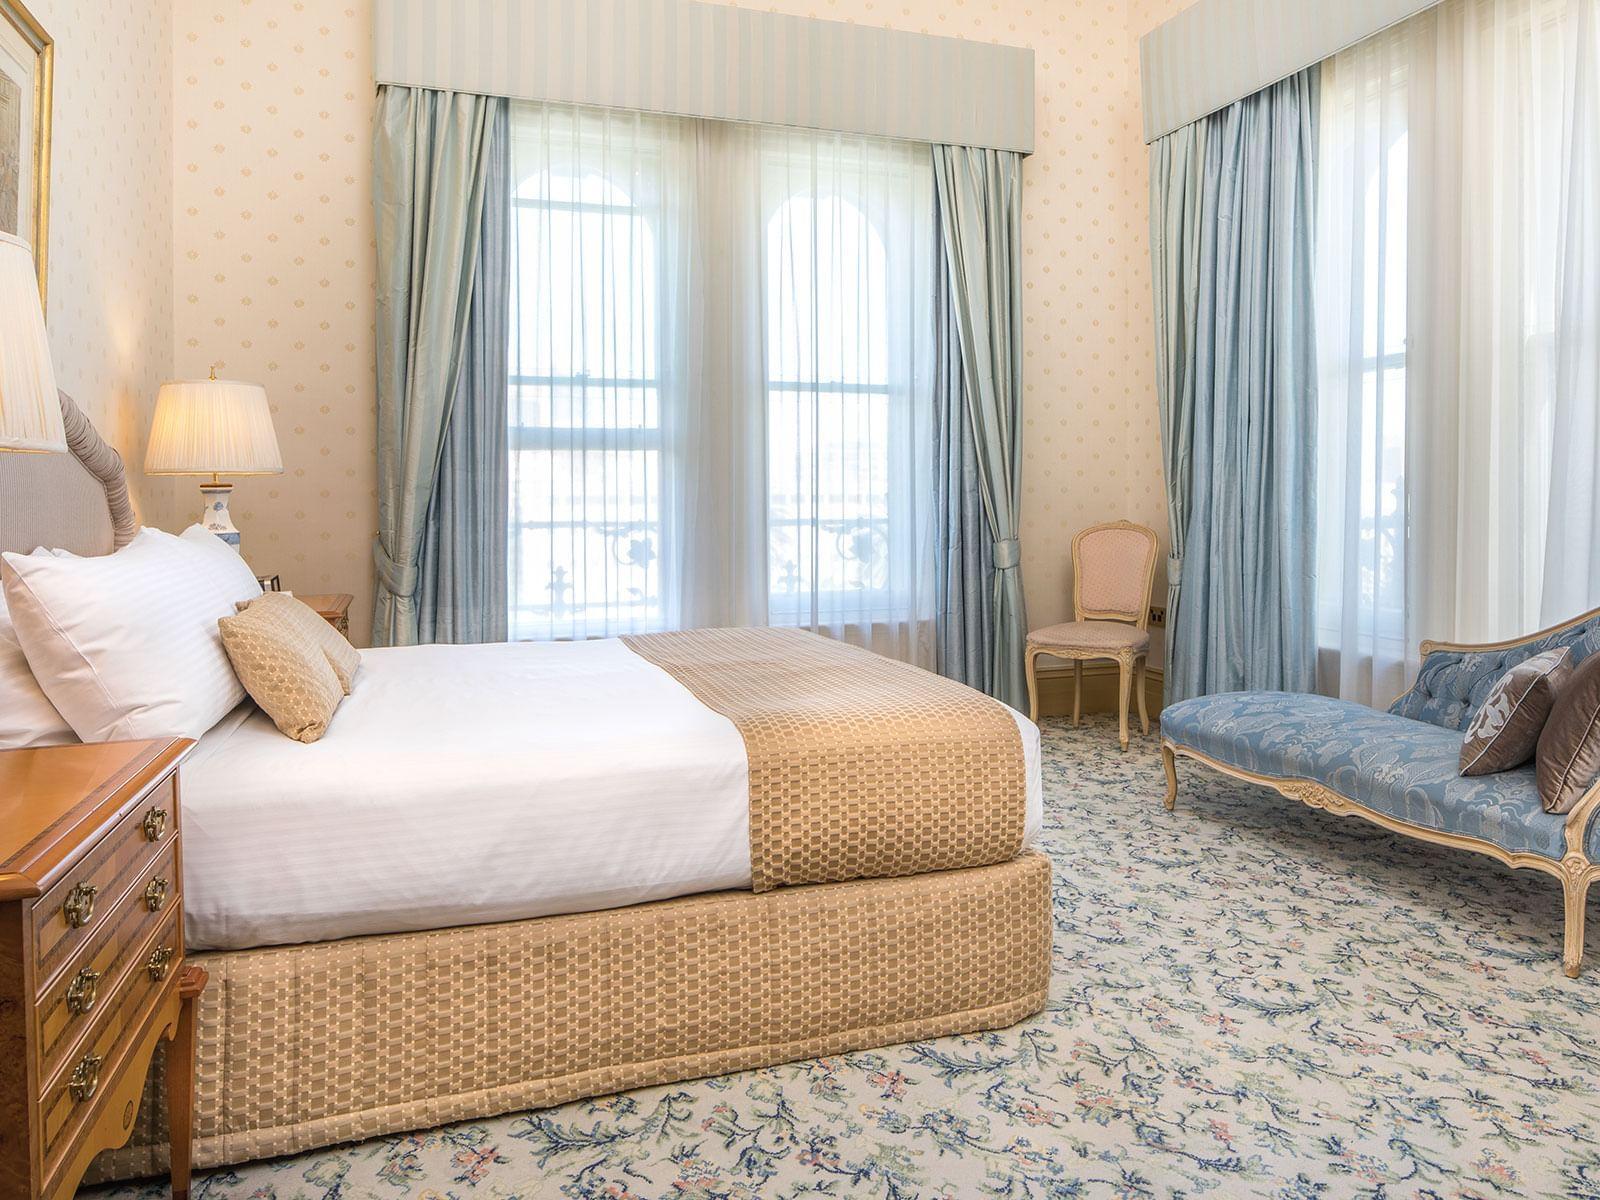 Royal Suite Bedroom at The Hotel Windsor Melbourne